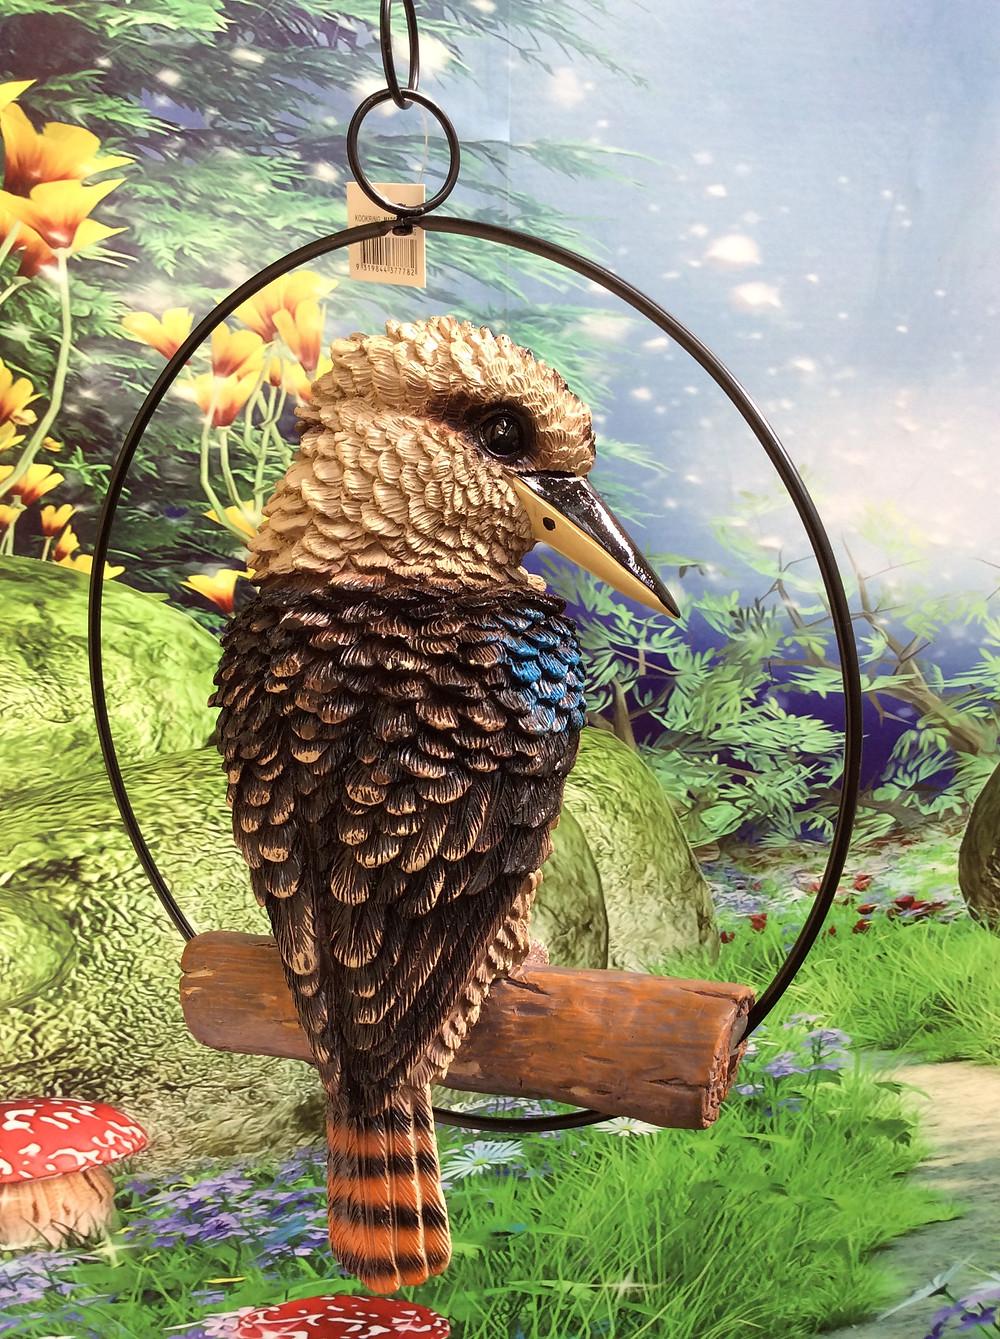 kookaburra in a ring